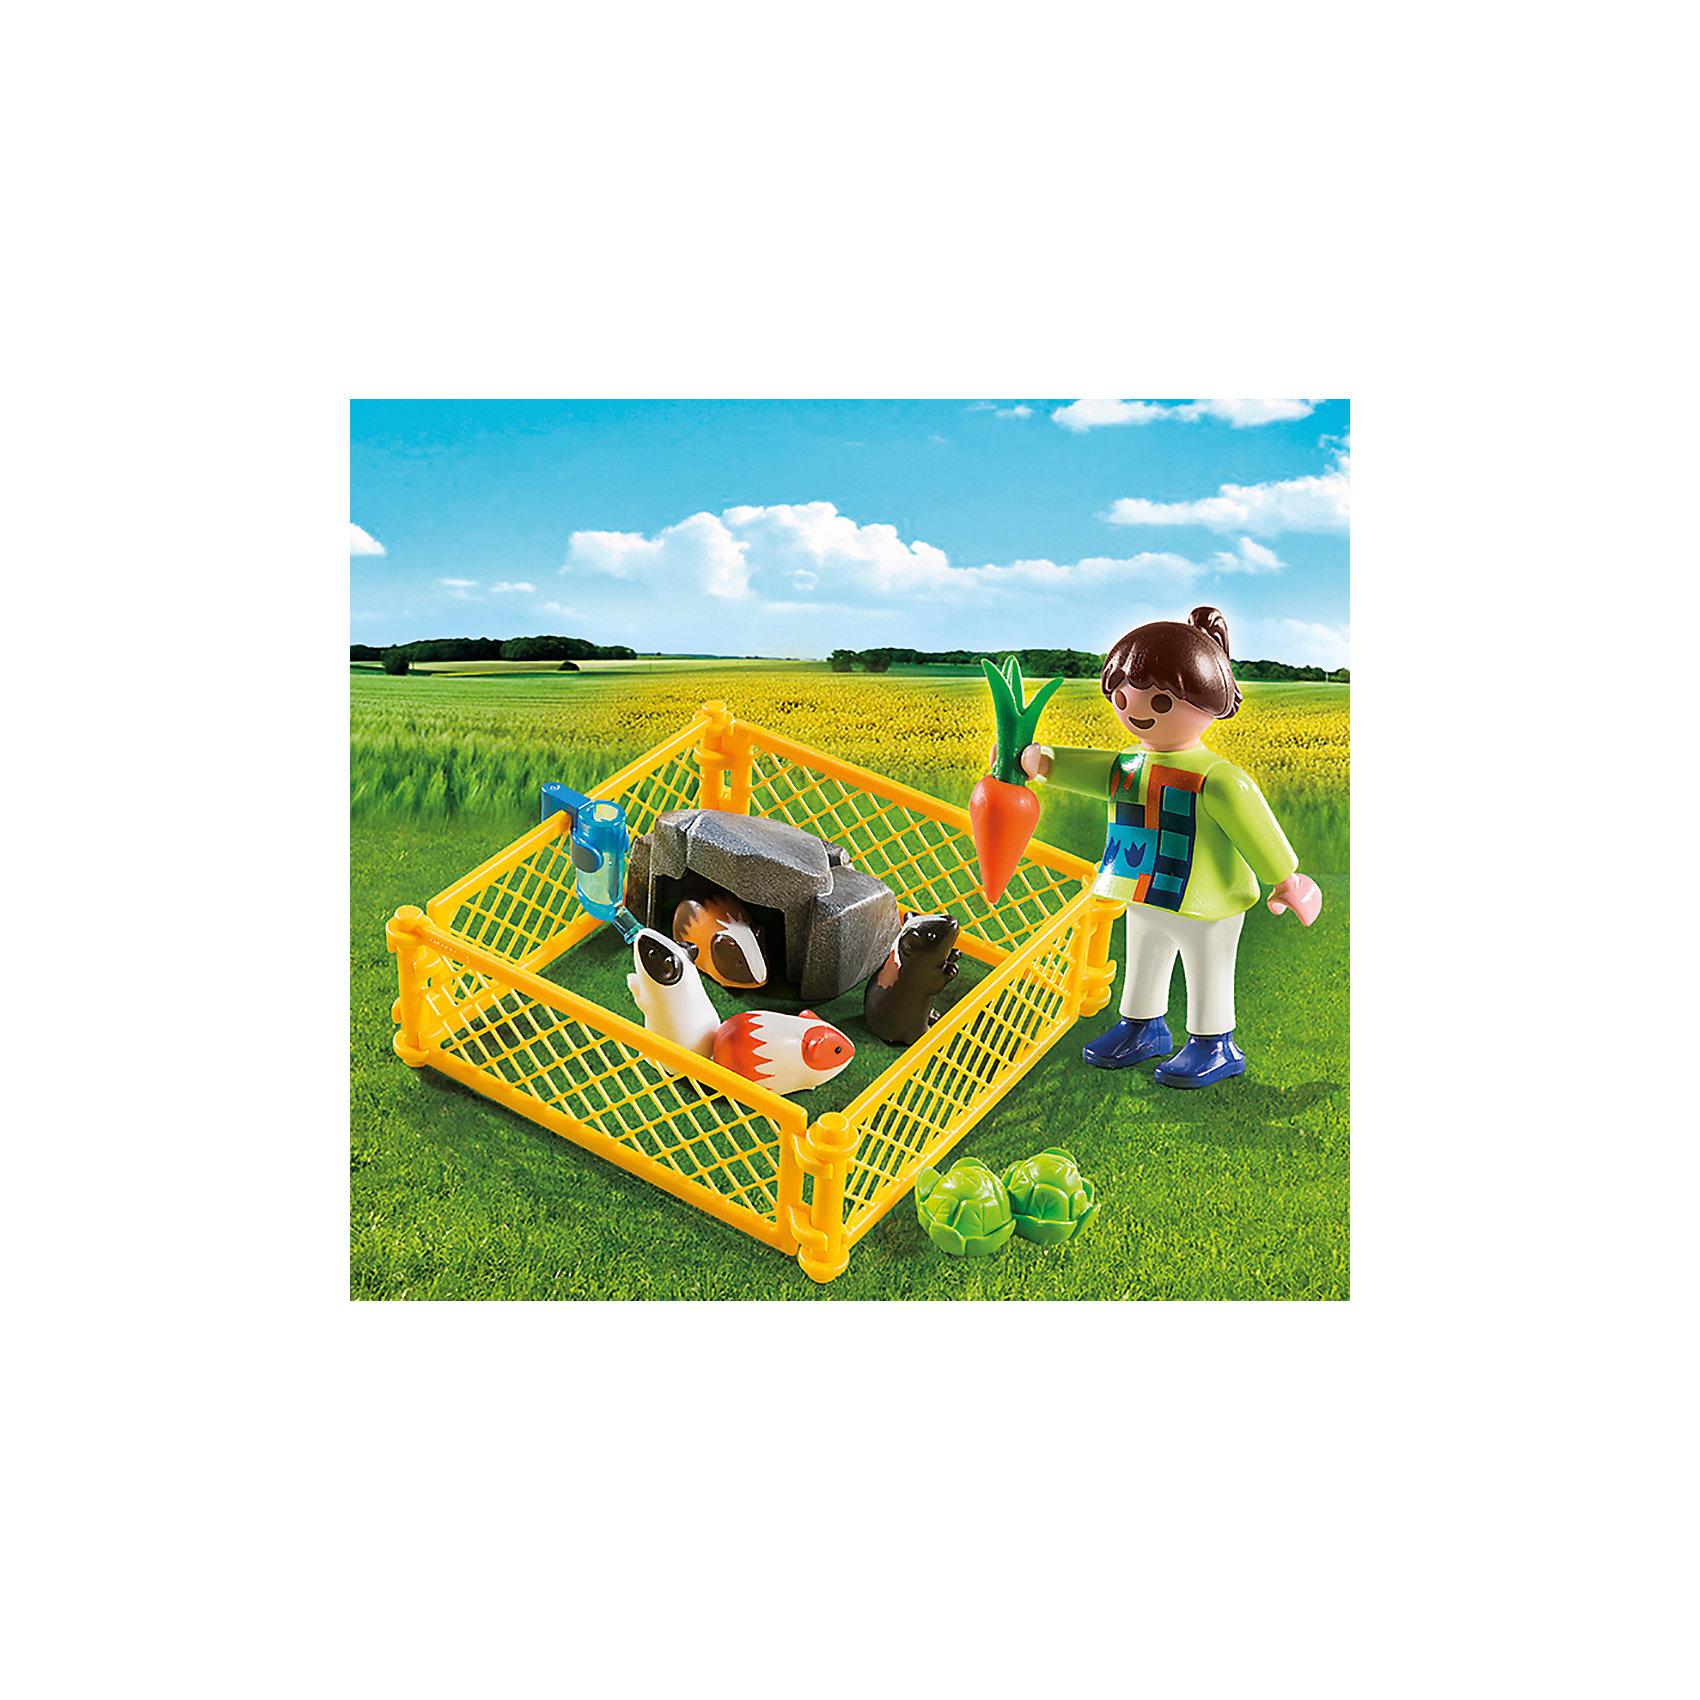 PLAYMOBIL® Экстра-набор: Девочка с морскими свинками, PLAYMOBIL playmobil® экстра набор сёрфингист с доской playmobil